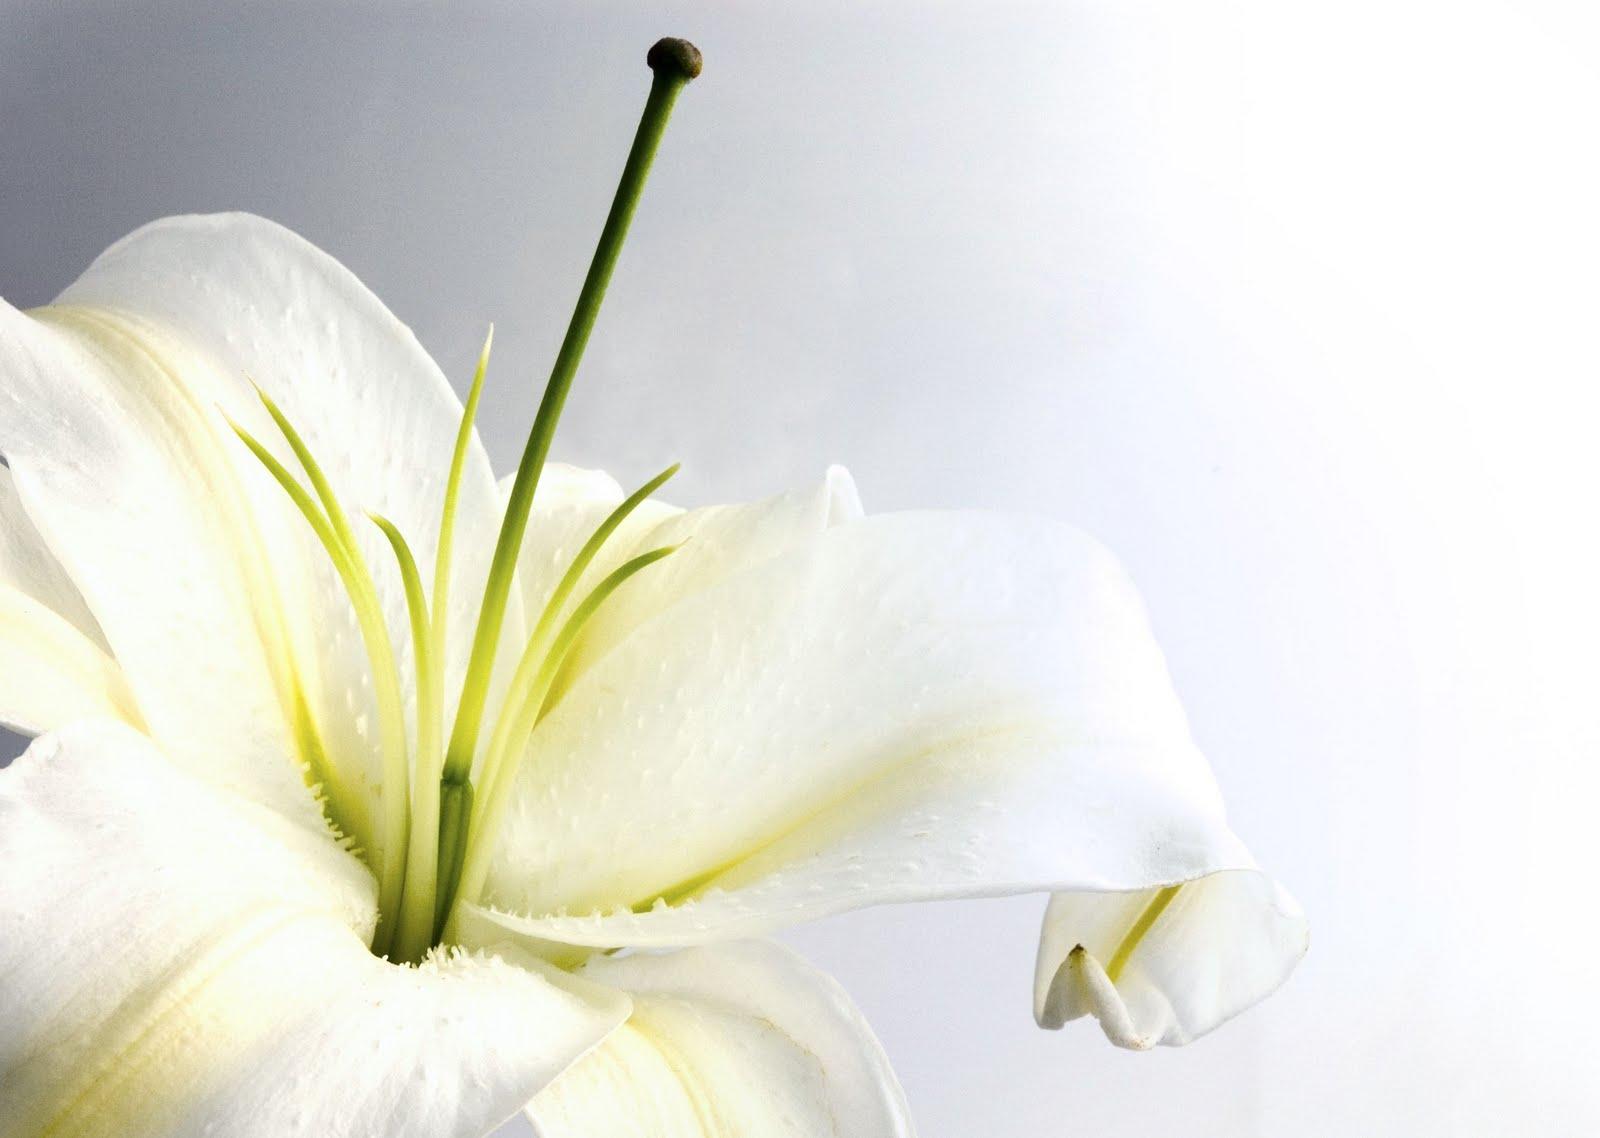 http://1.bp.blogspot.com/-GdVw2KkxH5o/TftcHirWt7I/AAAAAAAAAZY/stKfgeX6-DE/s1600/white_lily.jpg